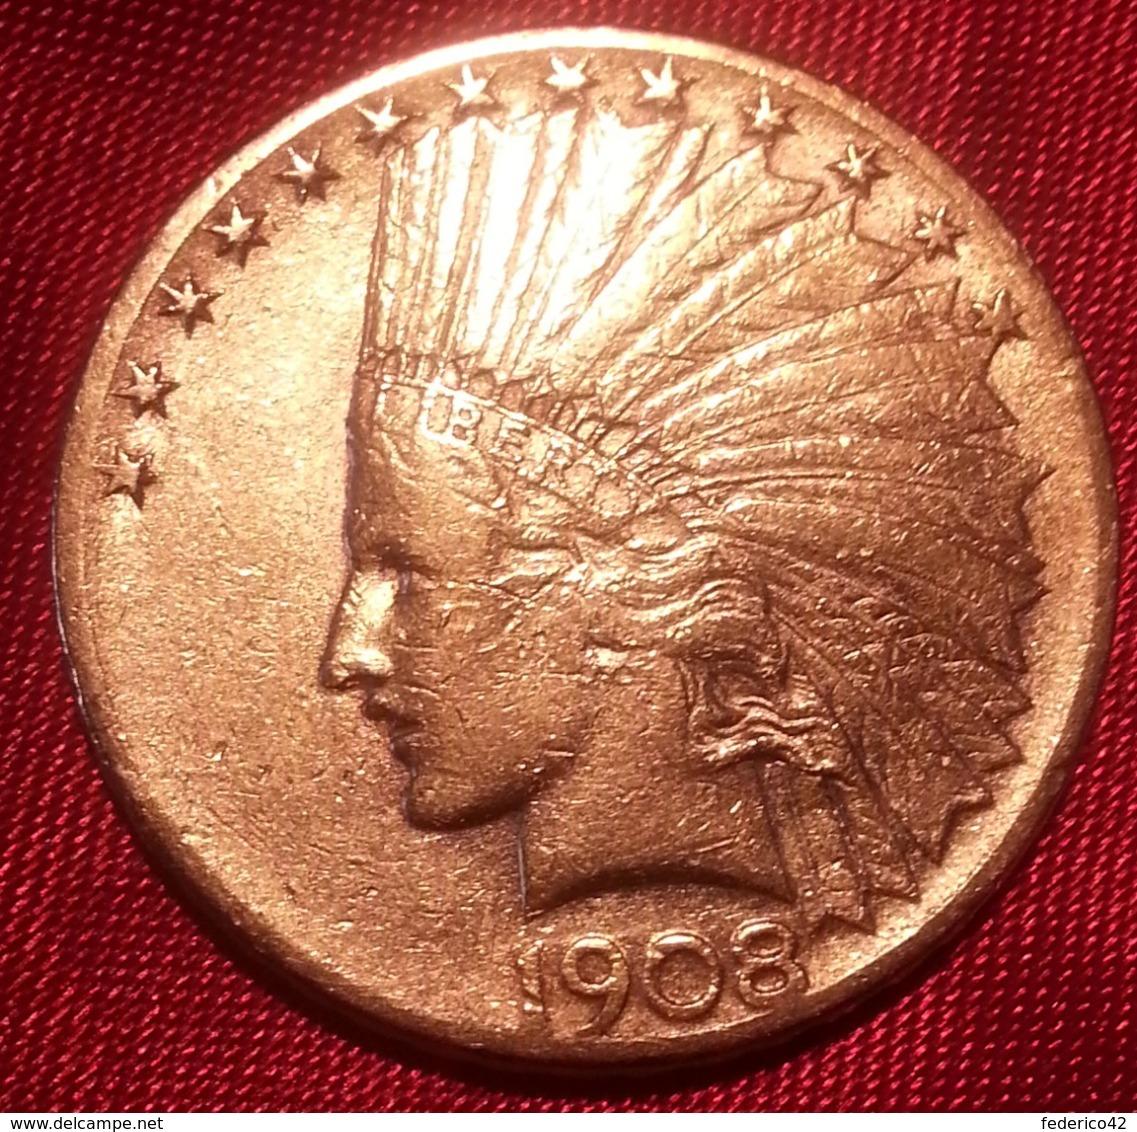 """RARISSIMA MONETA ORO 10 DOLLARI INDIANO 1908 ZECCA """"S"""" SPL STATI UNITI AMERICA - L. Gold (Oro)"""